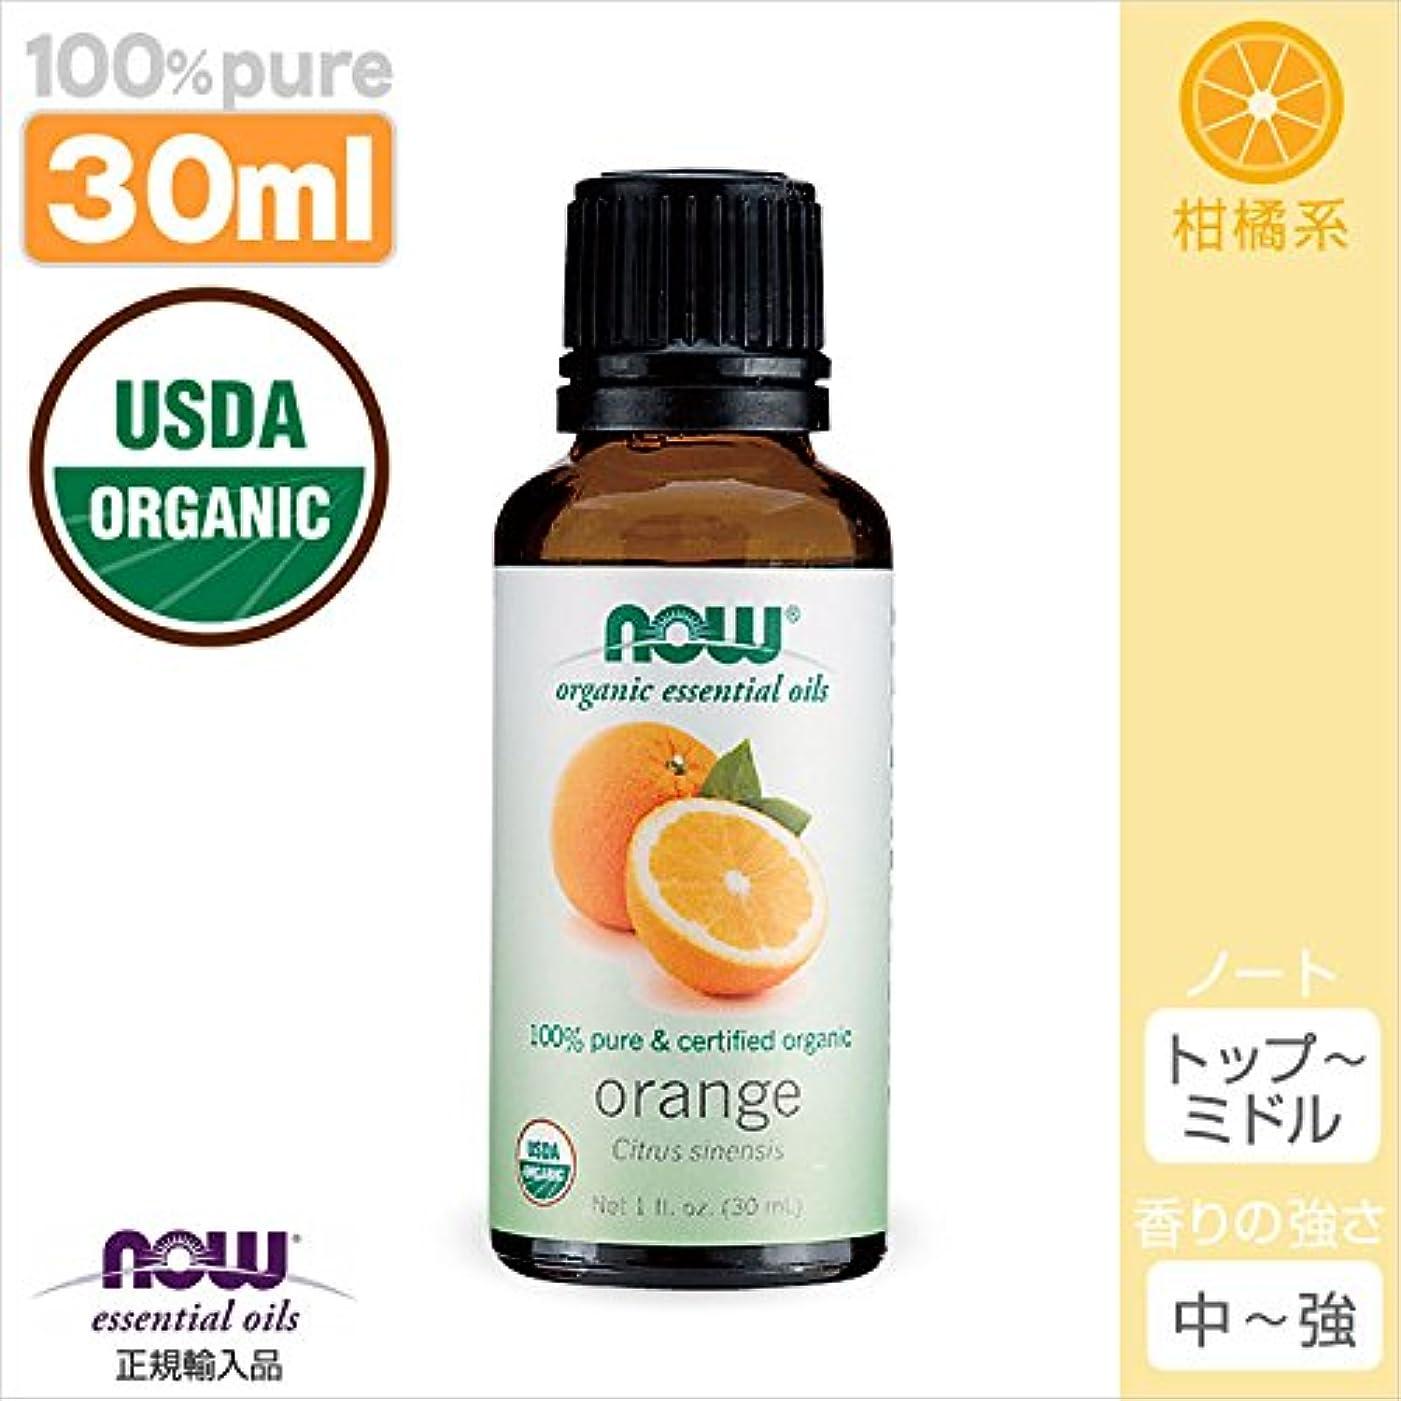 ハッピースーパーマーケット数値オレンジ精油オーガニック[30ml] 【正規輸入品】 NOWエッセンシャルオイル(アロマオイル)